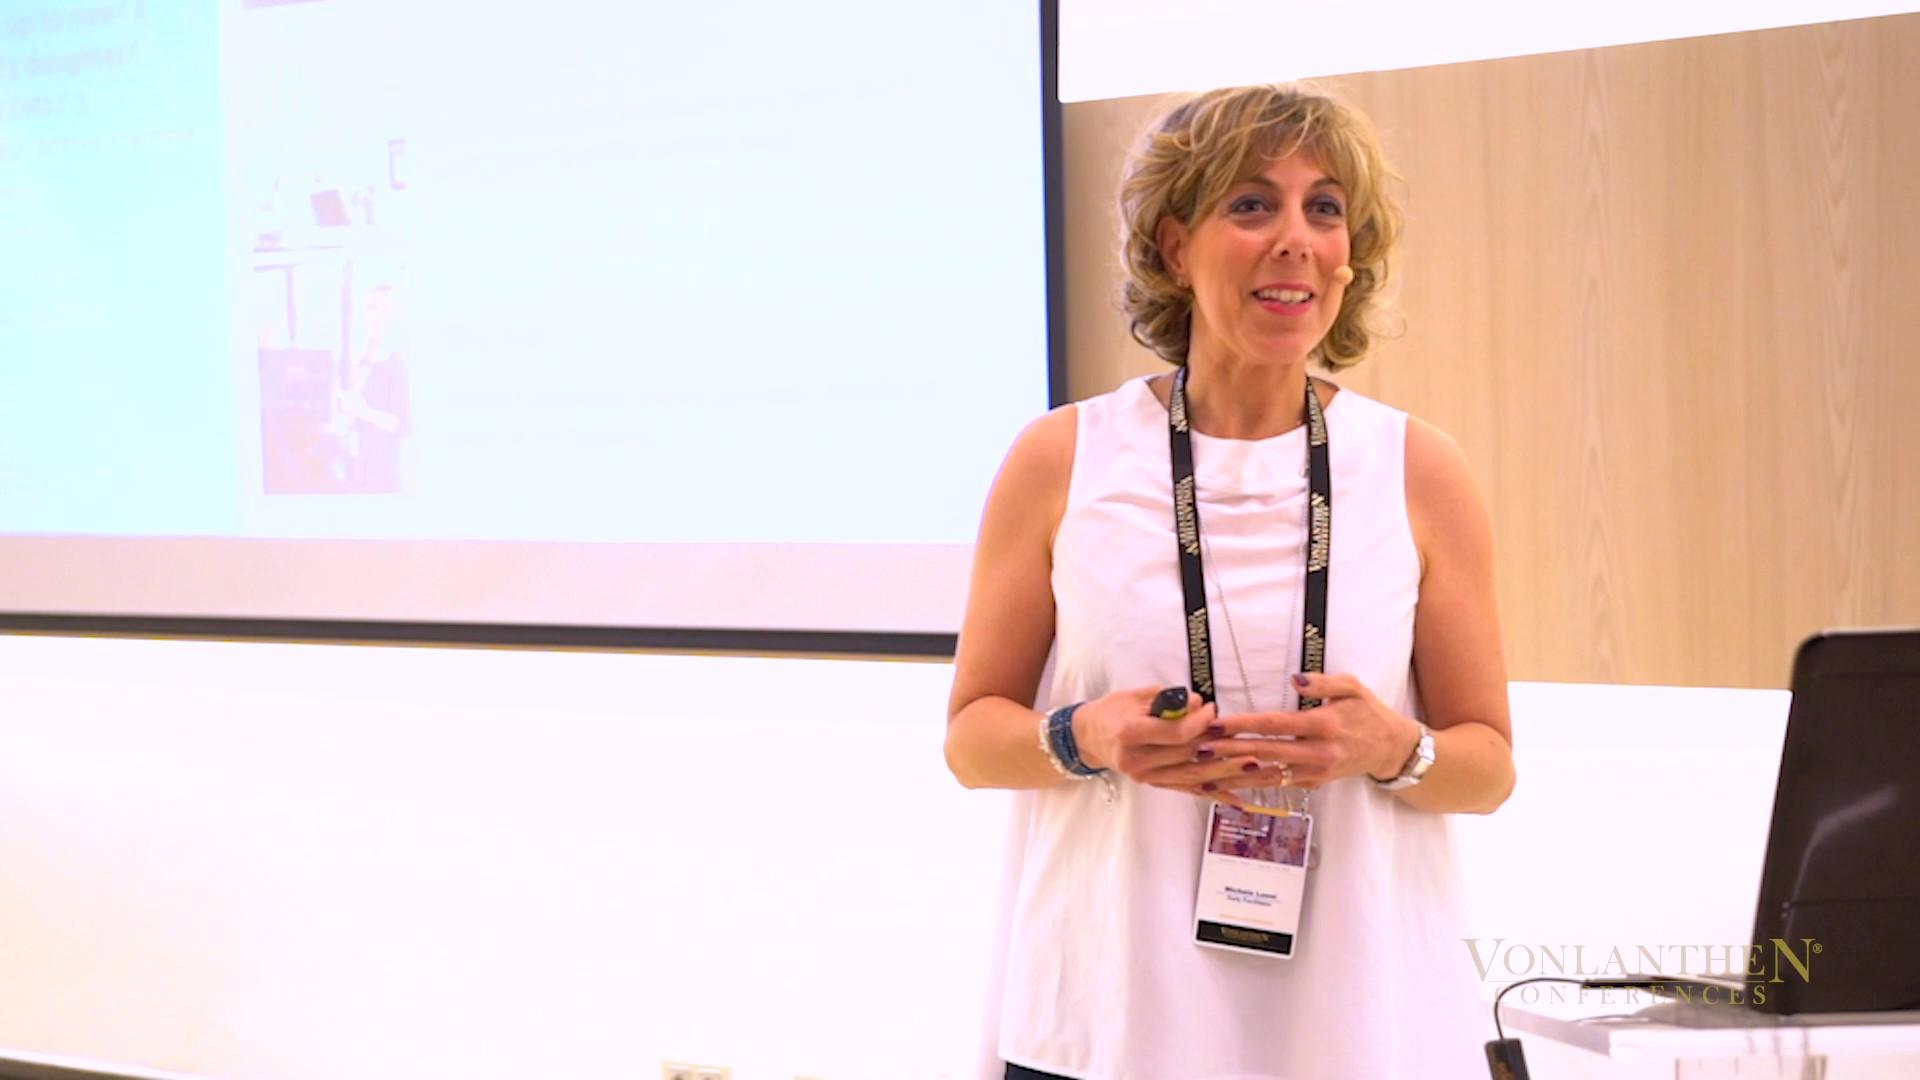 Michela Luoni